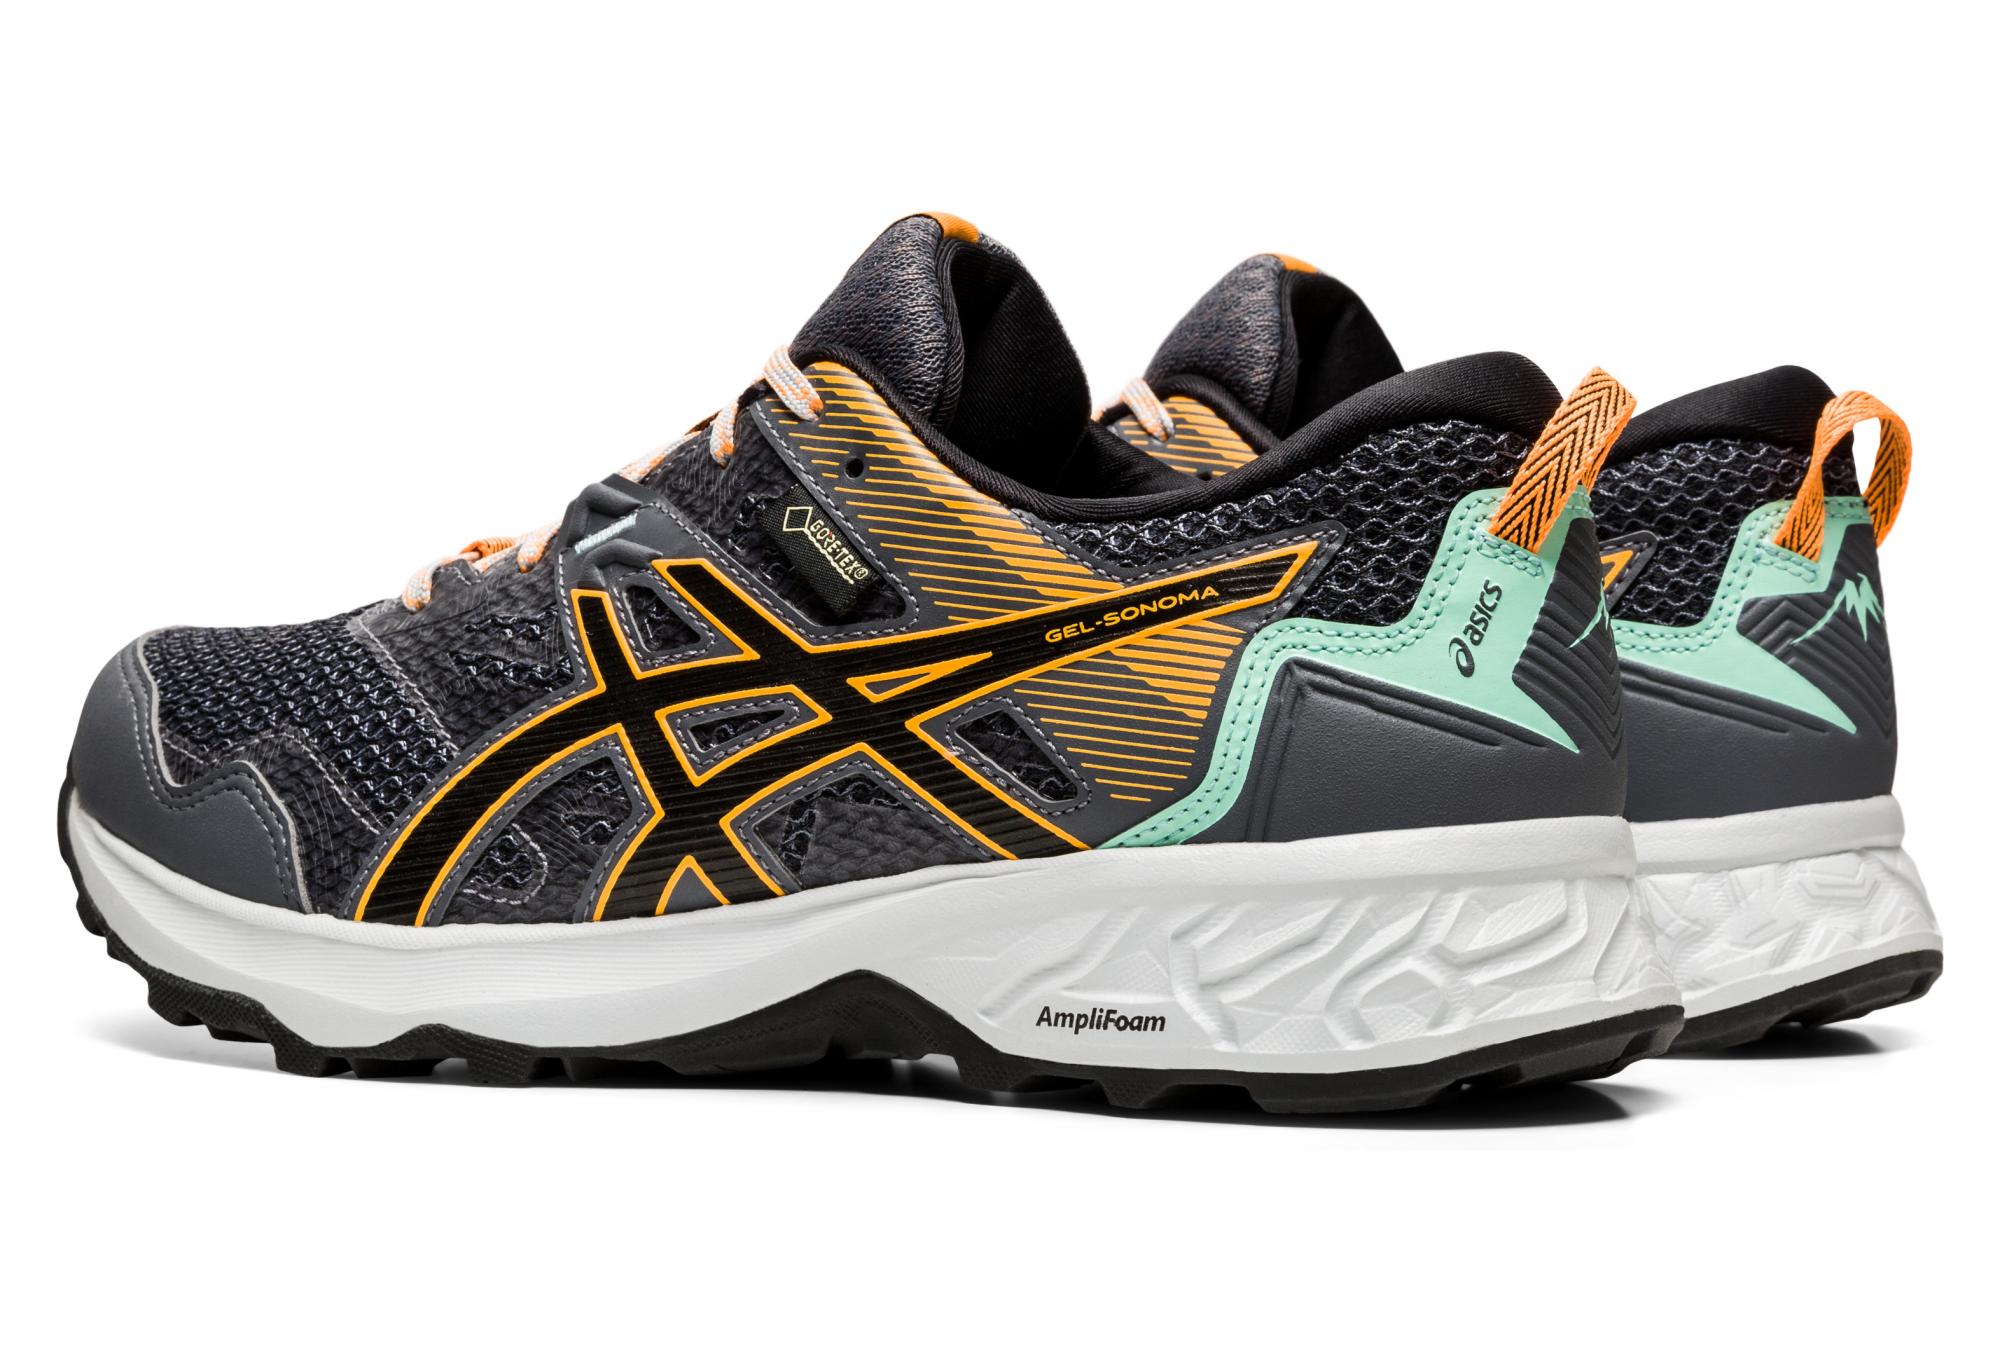 Chaussures femme Asics Gel-Sonoma 5 G-Tx | Alltricks.com